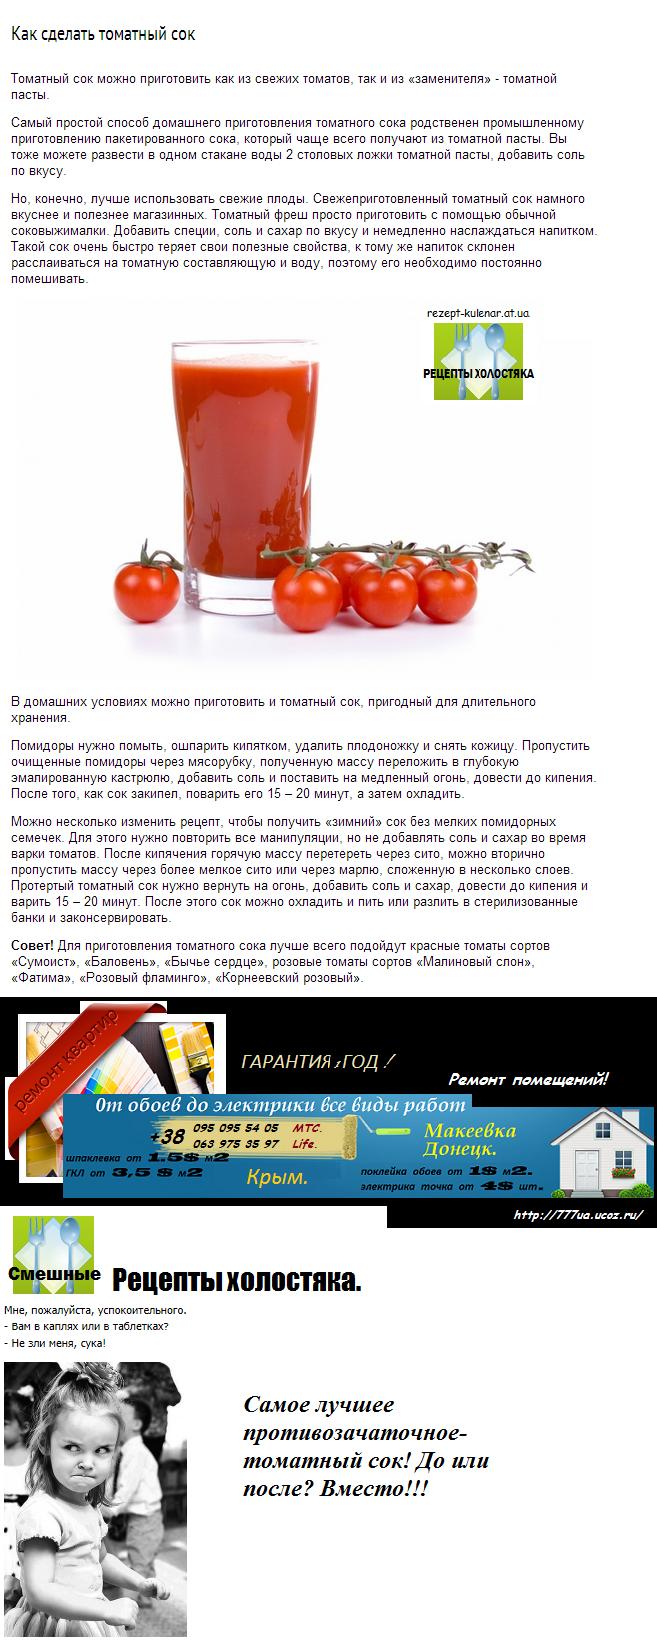 Способы приготовления томатного сока в домашних условиях - Заготовка сока в домашних условиях Рецепты. Всё